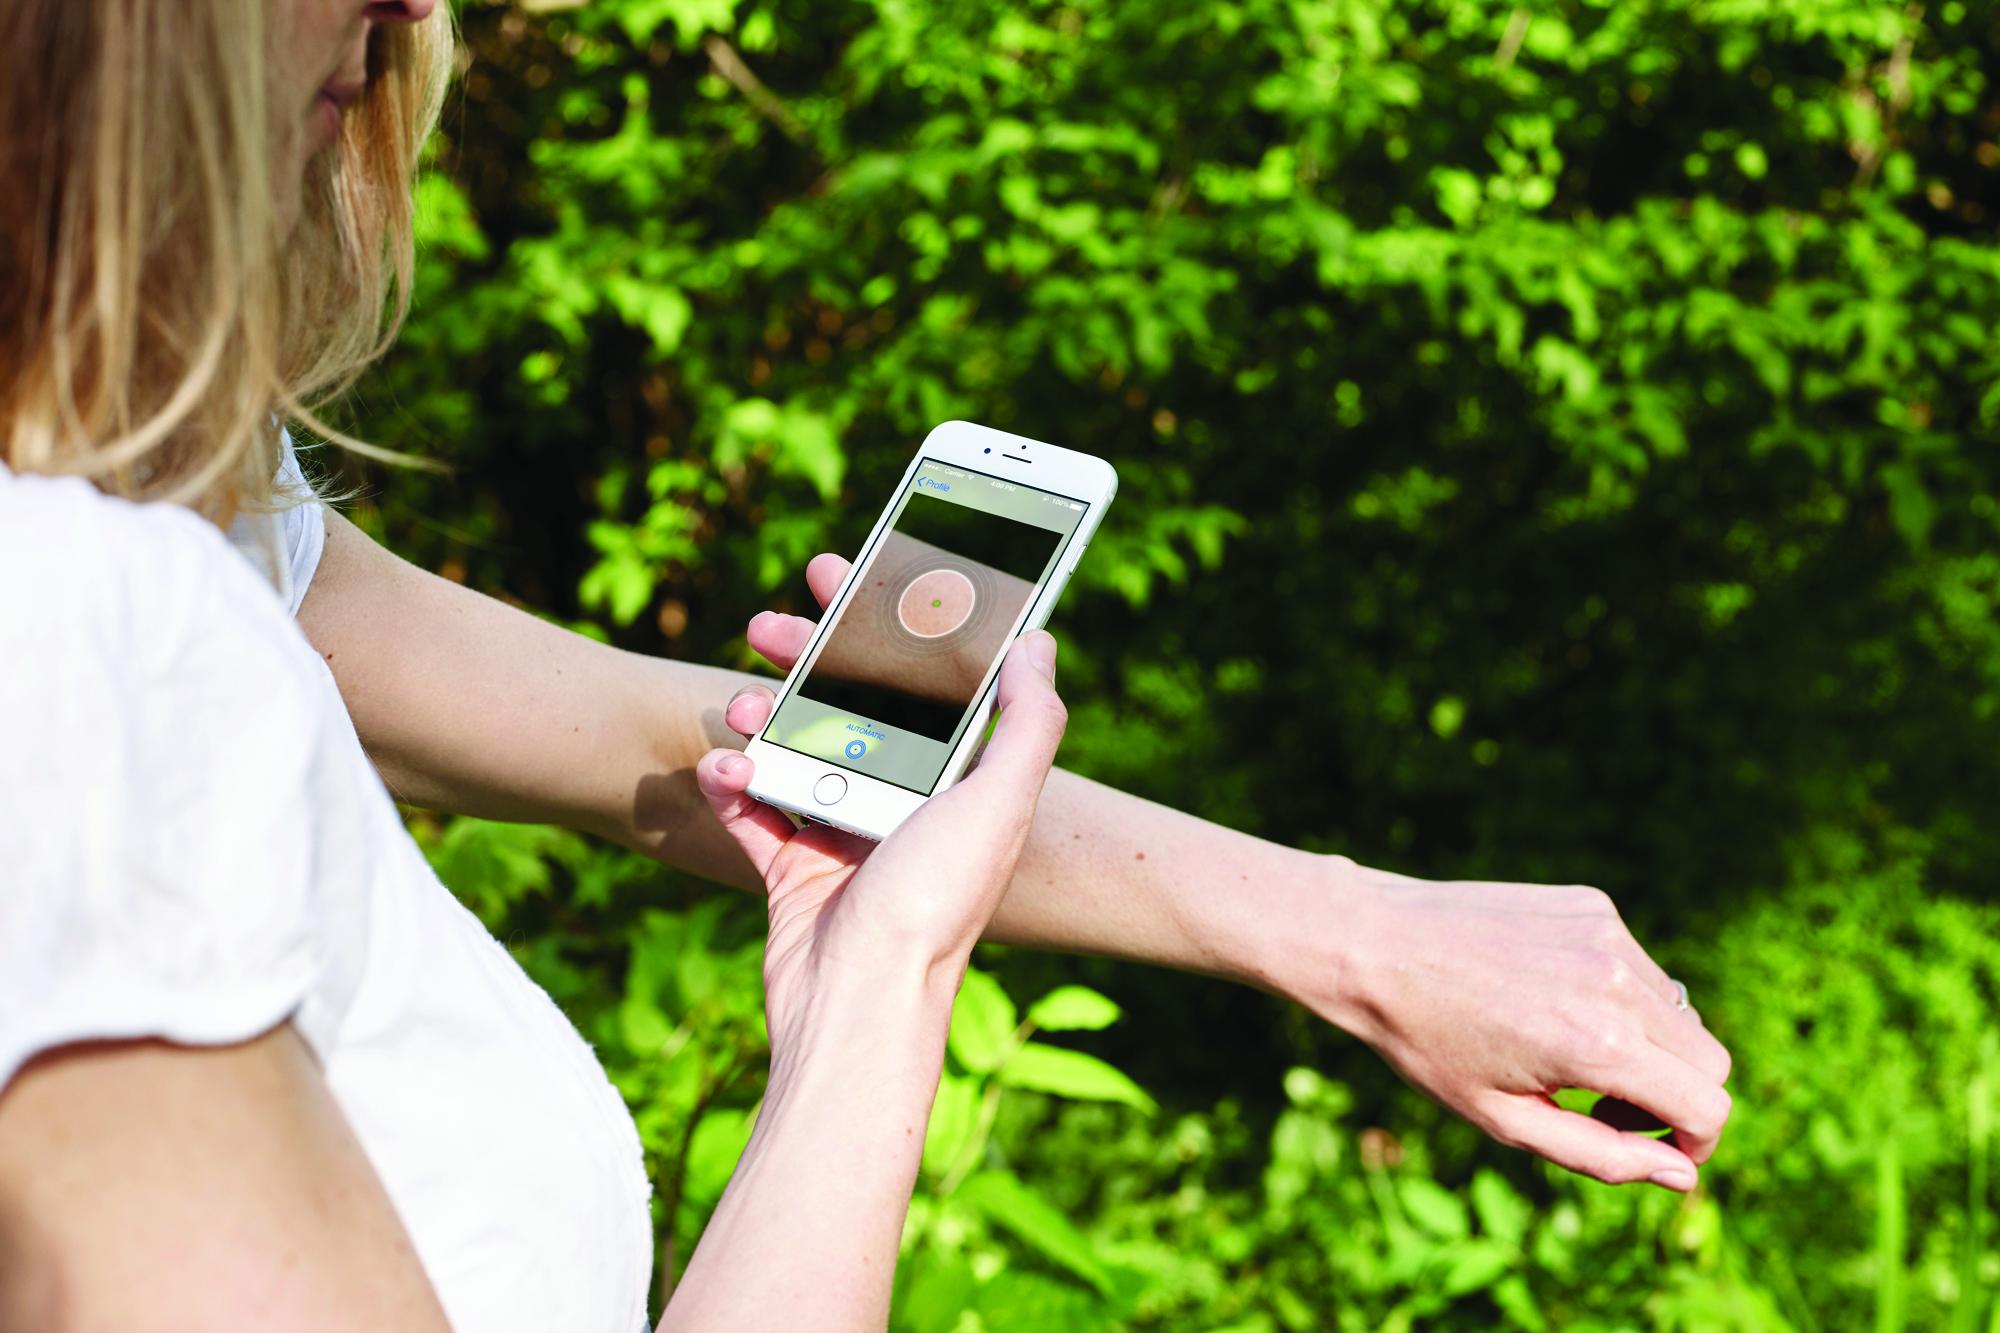 Verdachte huidplekjes? Medische app nu kosteloos beschikbaar